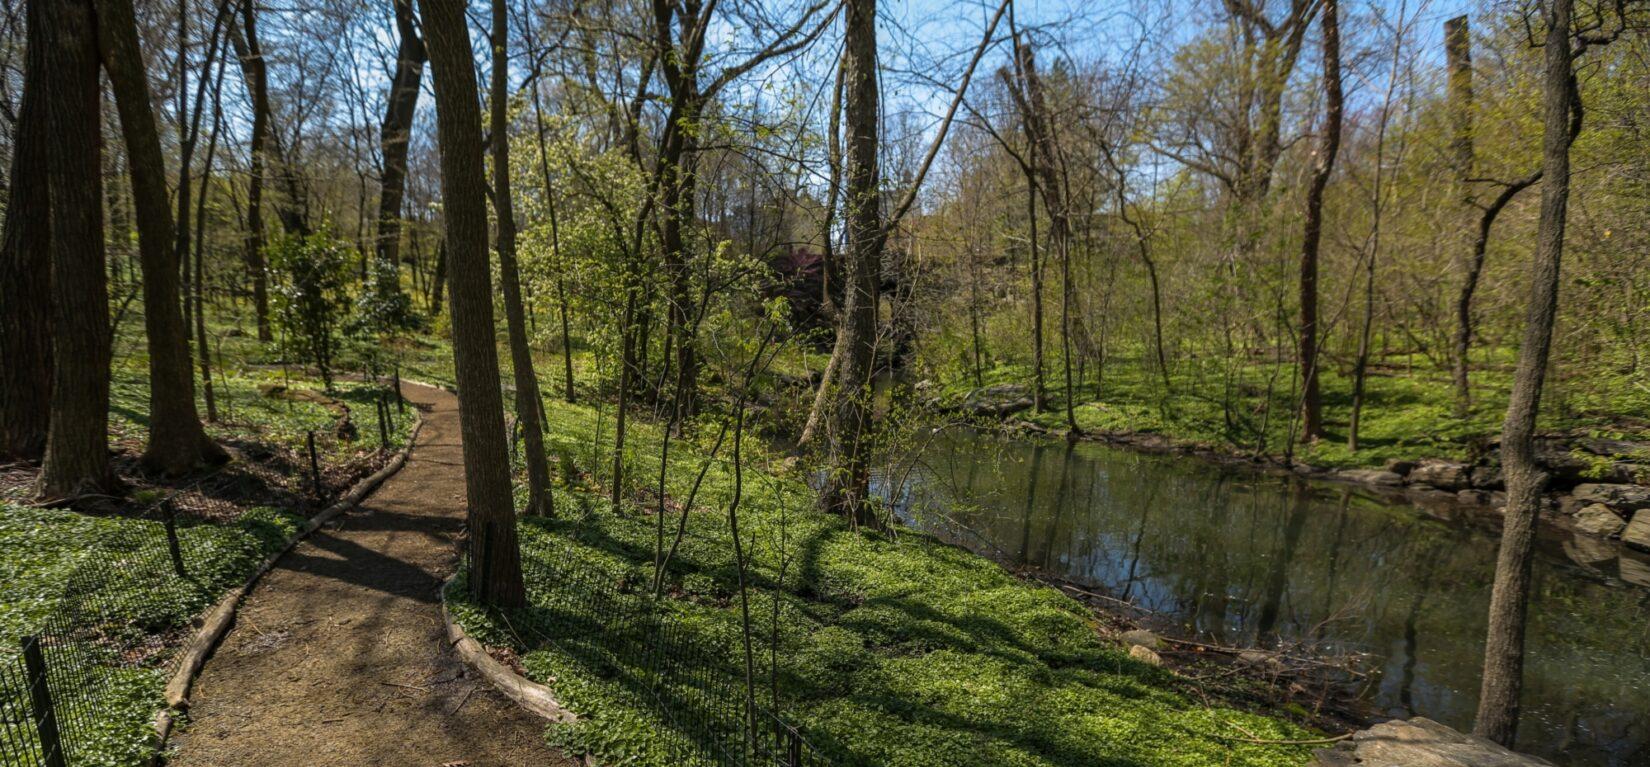 A rustic path winds alongside a stream in the Ravine